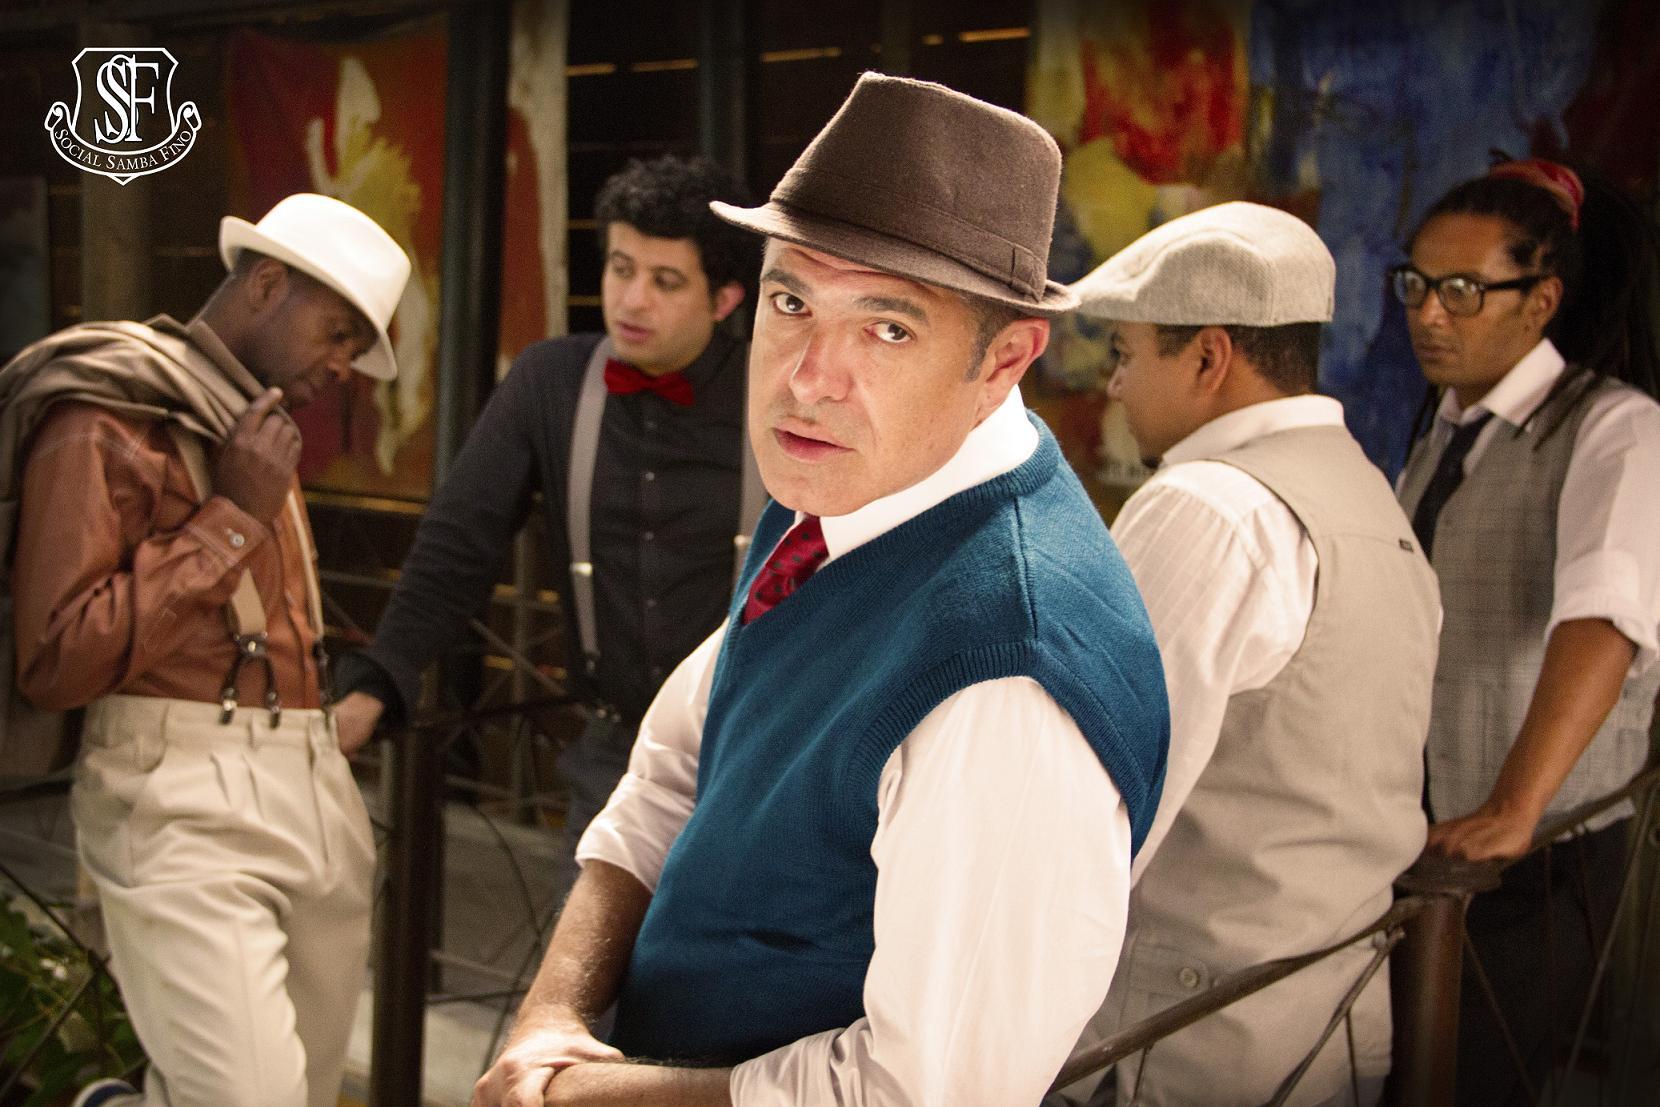 Social samba Fino interpreta músicas de Chico Buarque em Shows gratuitos